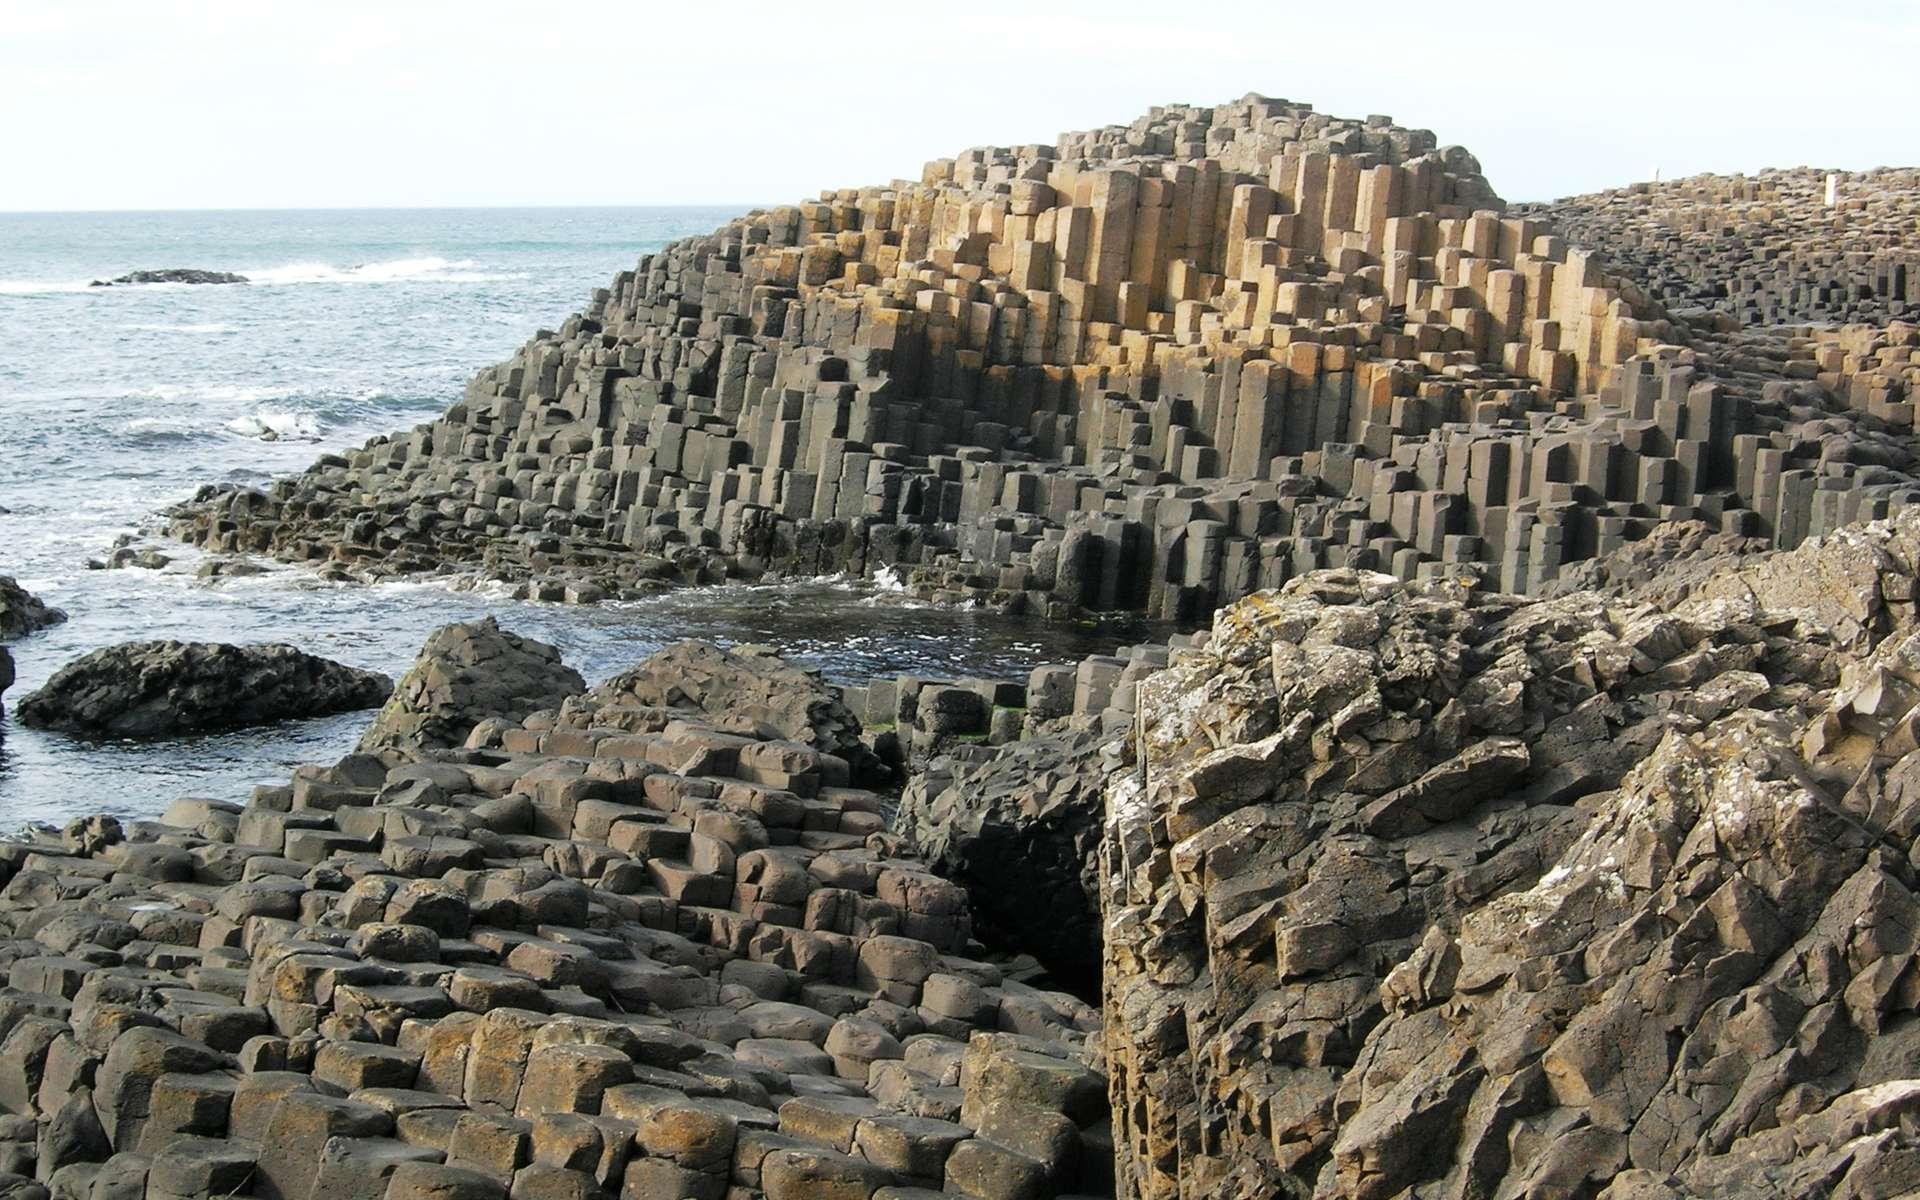 La Chaussée des Géants (Giant's Causeway, en anglais), dans le comté d'Antrim, en Irlande, résulte de l'érosion par la mer d'une ancienne coulée de lave fluide basaltique expulsée à l'ère tertiaire. Datée d'environ 55 millions d'années, elle exhibe ce qu'on appelle une prismation volcanique avec, localement, une sorte de pavage hexagonal. © University of Toronto